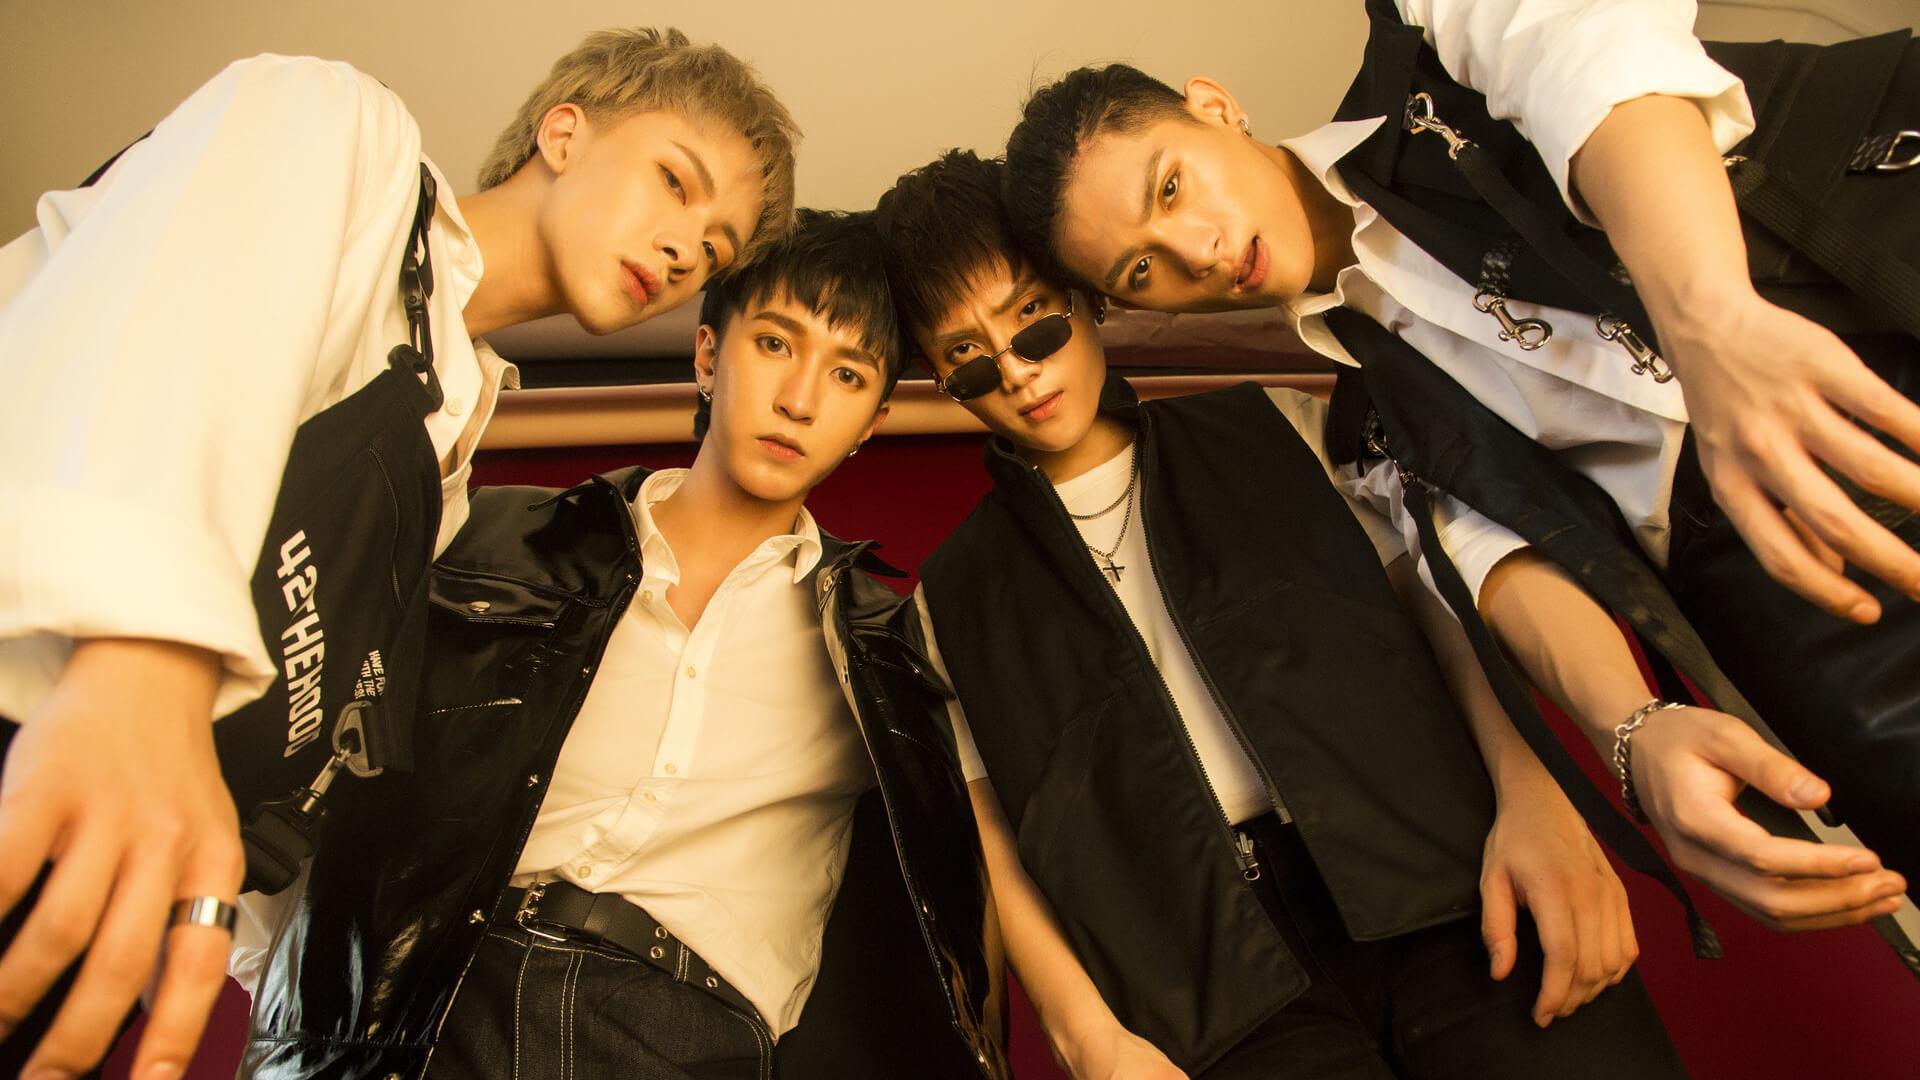 MONST4R 4 Members